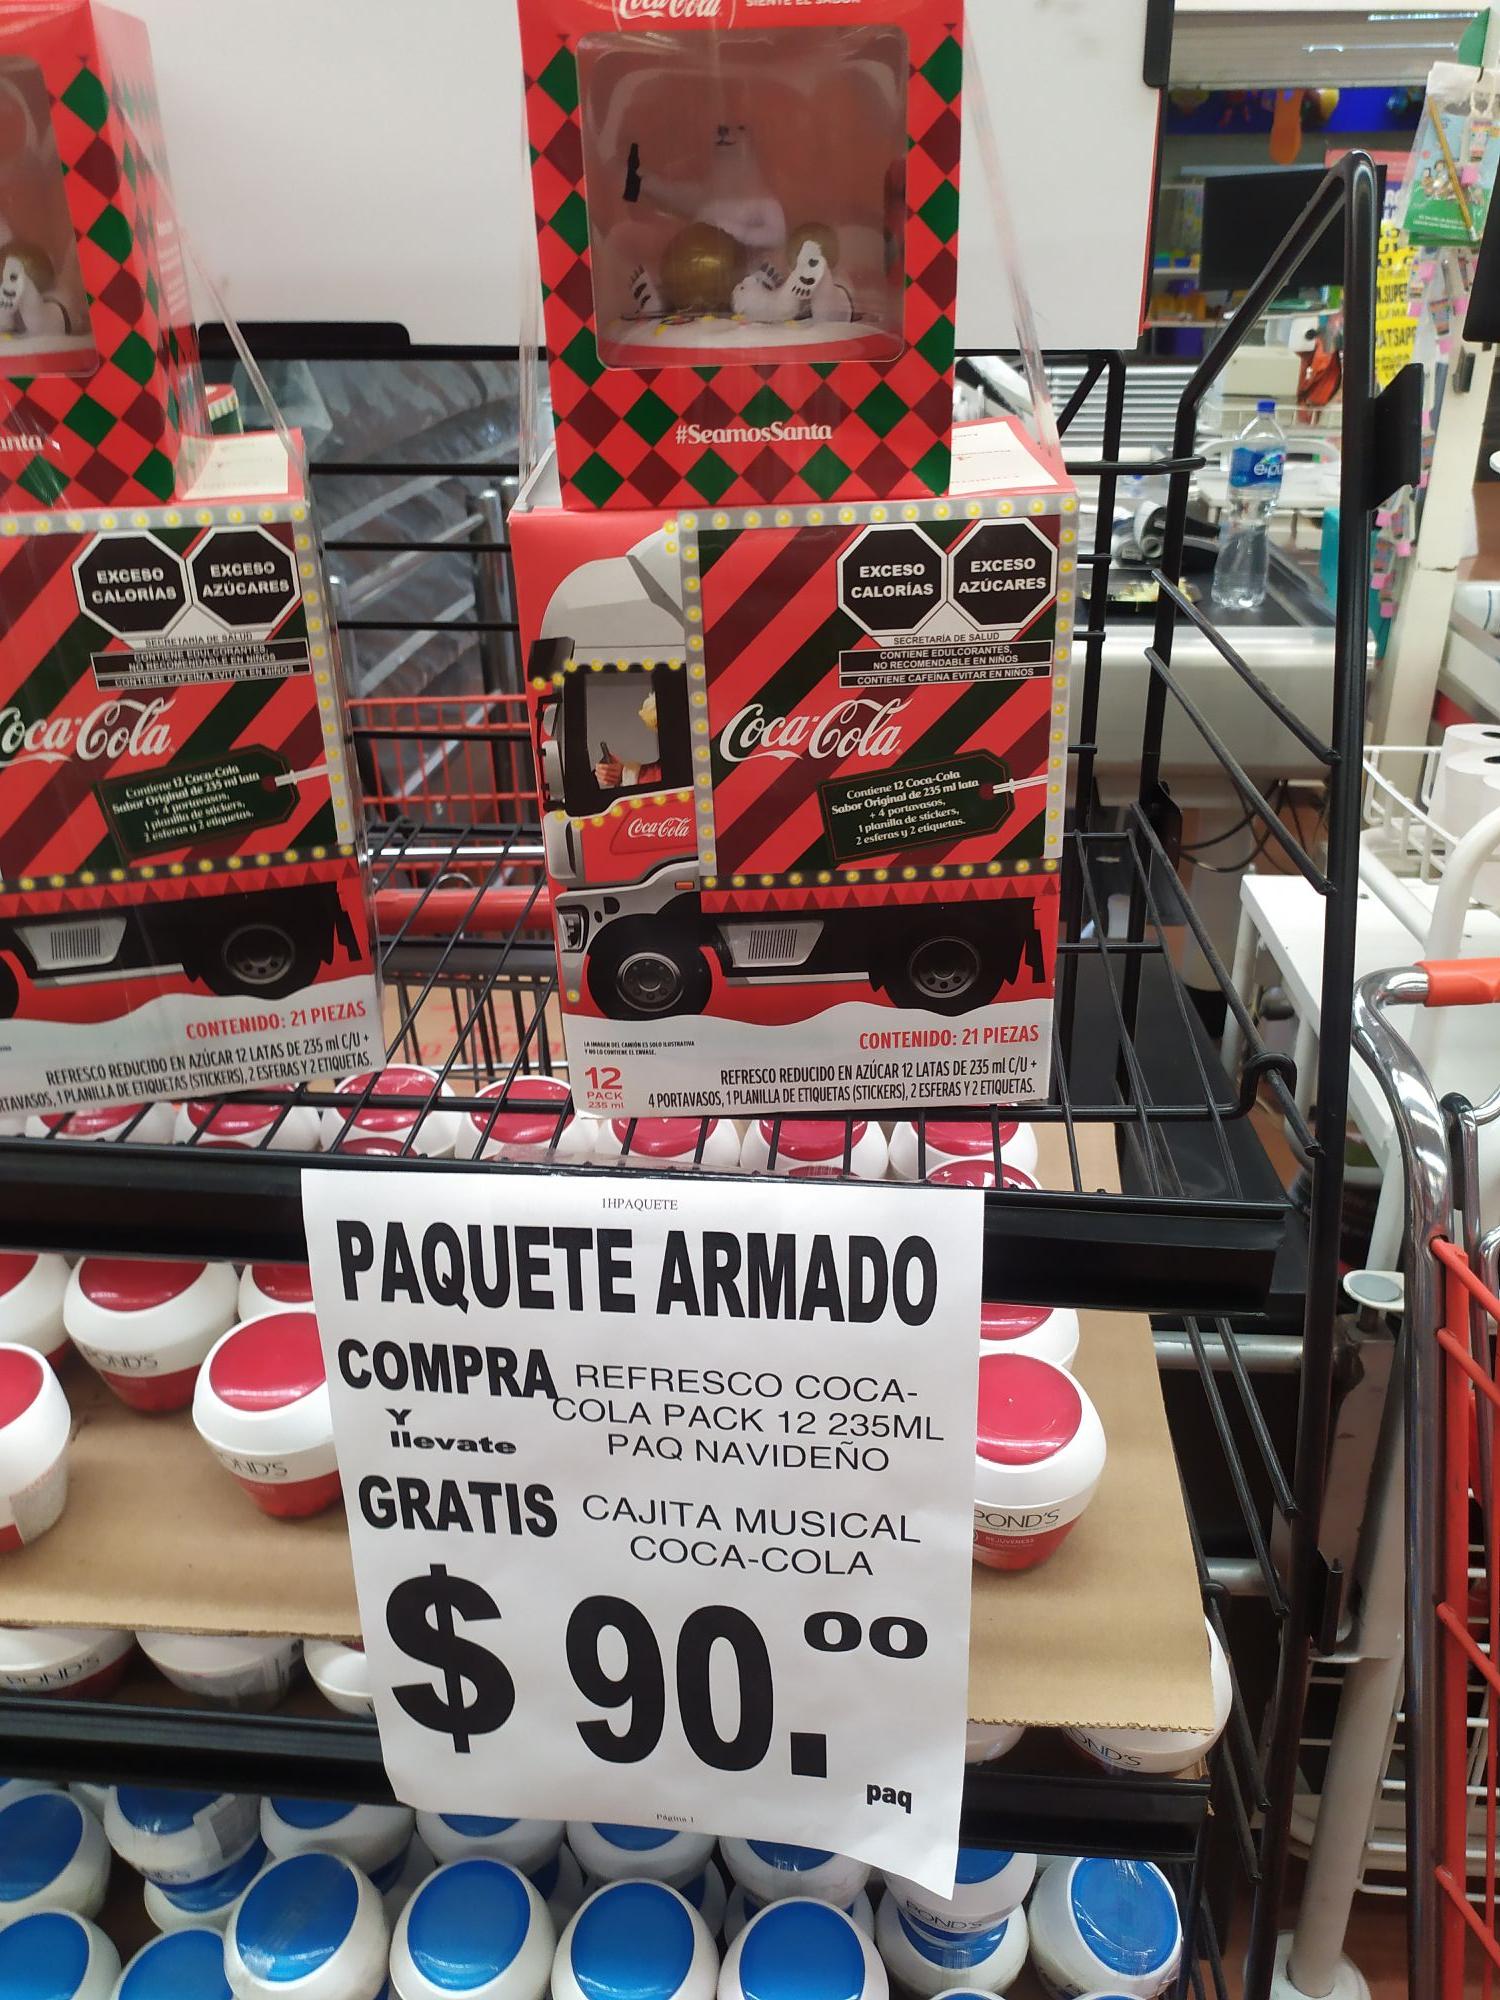 Soriana: paquete coca cola con caja musical